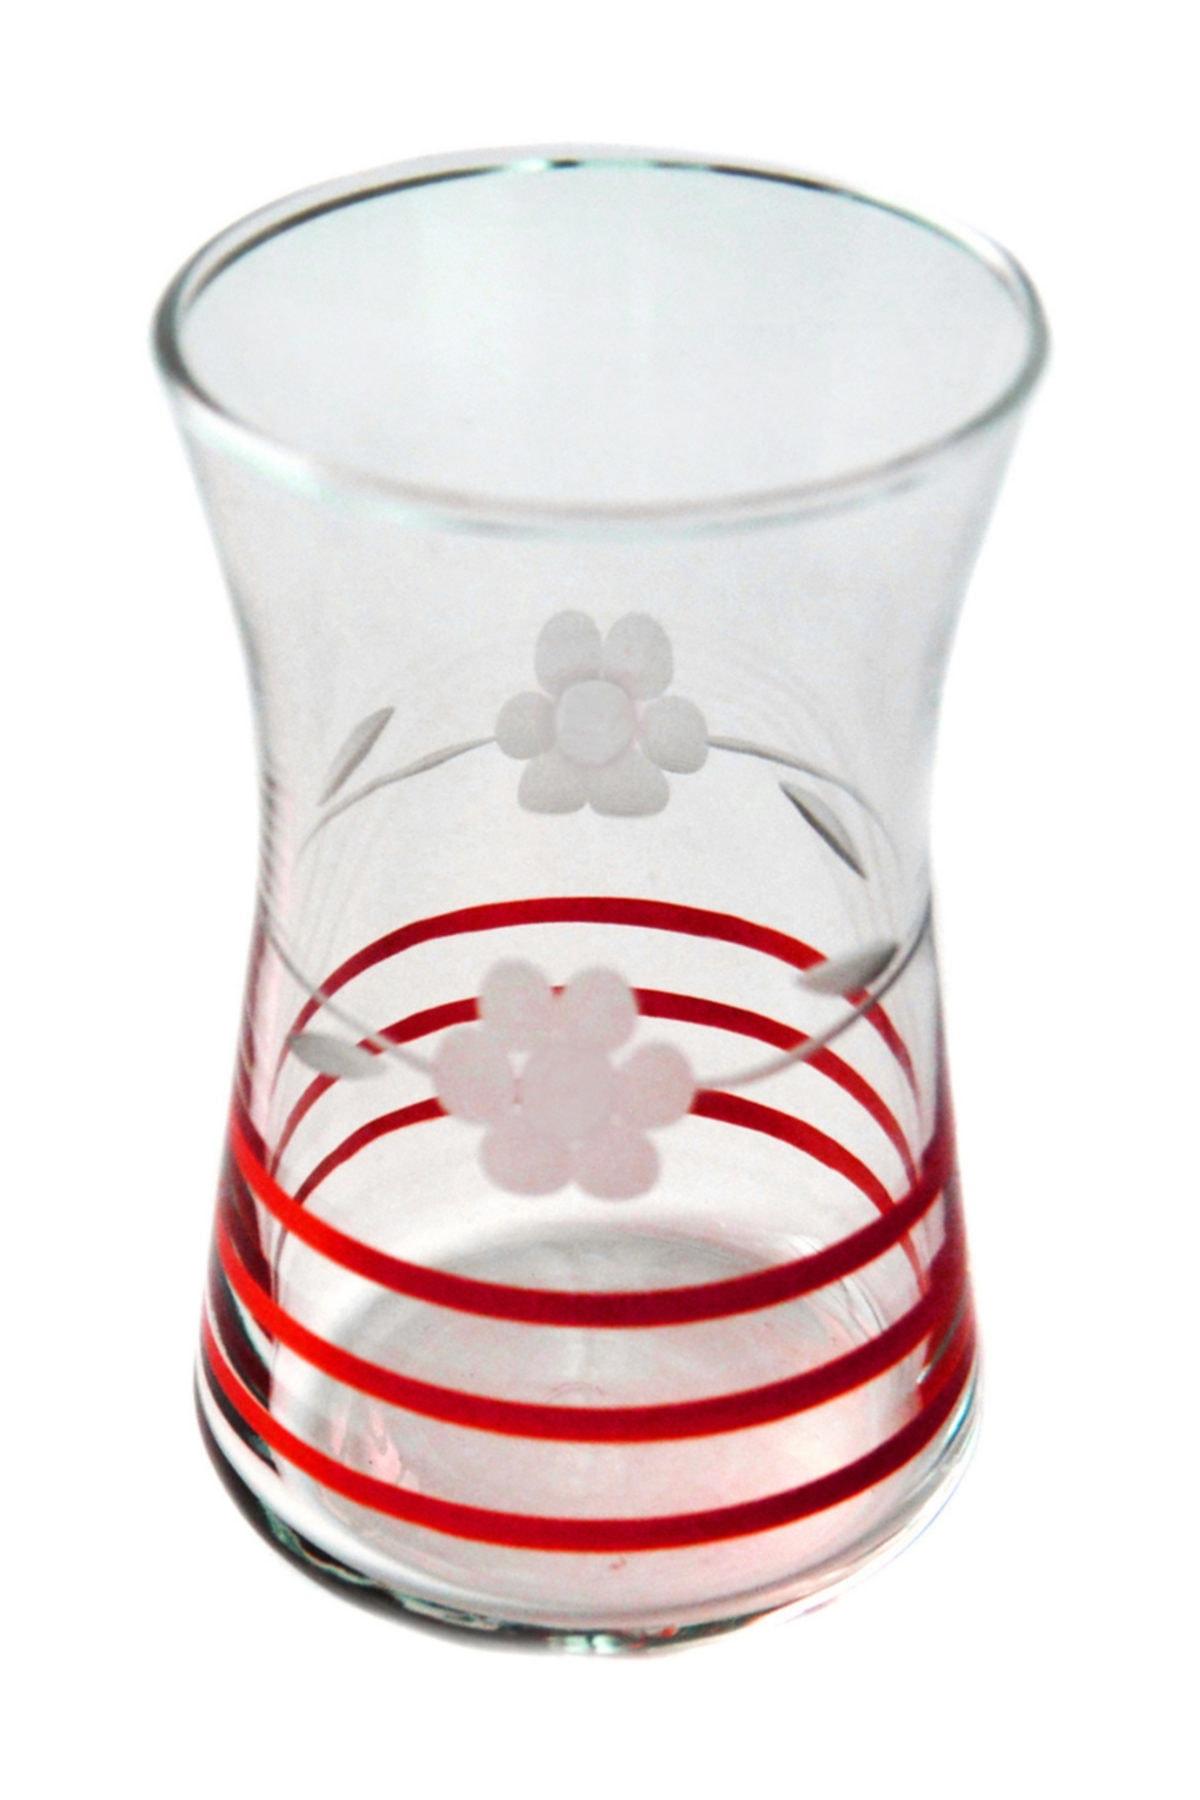 BAŞAK 42361 Heybeli Papatya (kırmızı) Dekor 6 Adet Çay Bardağı 2